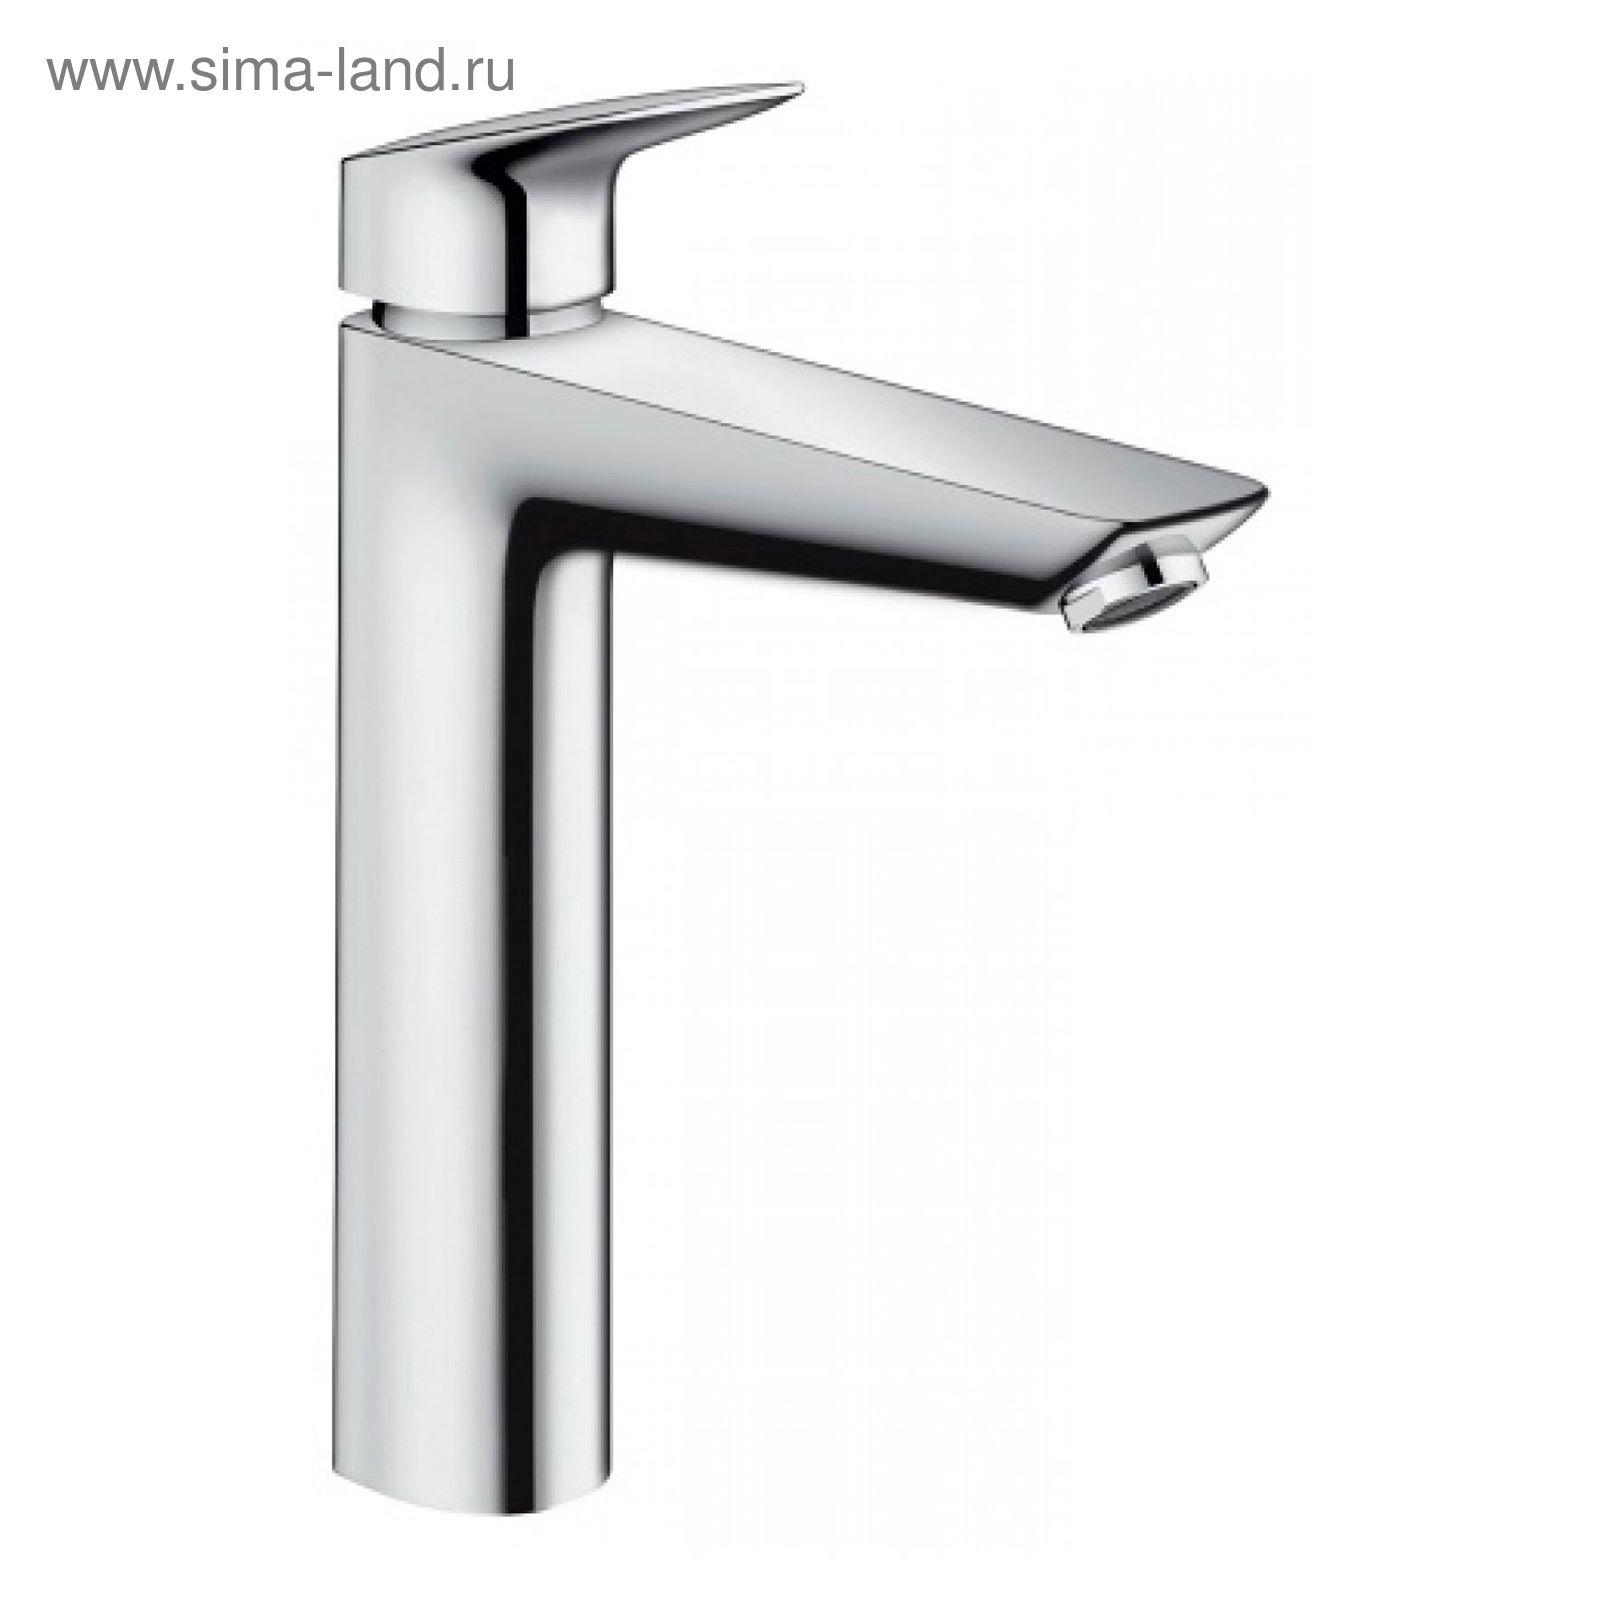 Купить смеситель hansgrohe logis ванные комнаты маленькое пространство